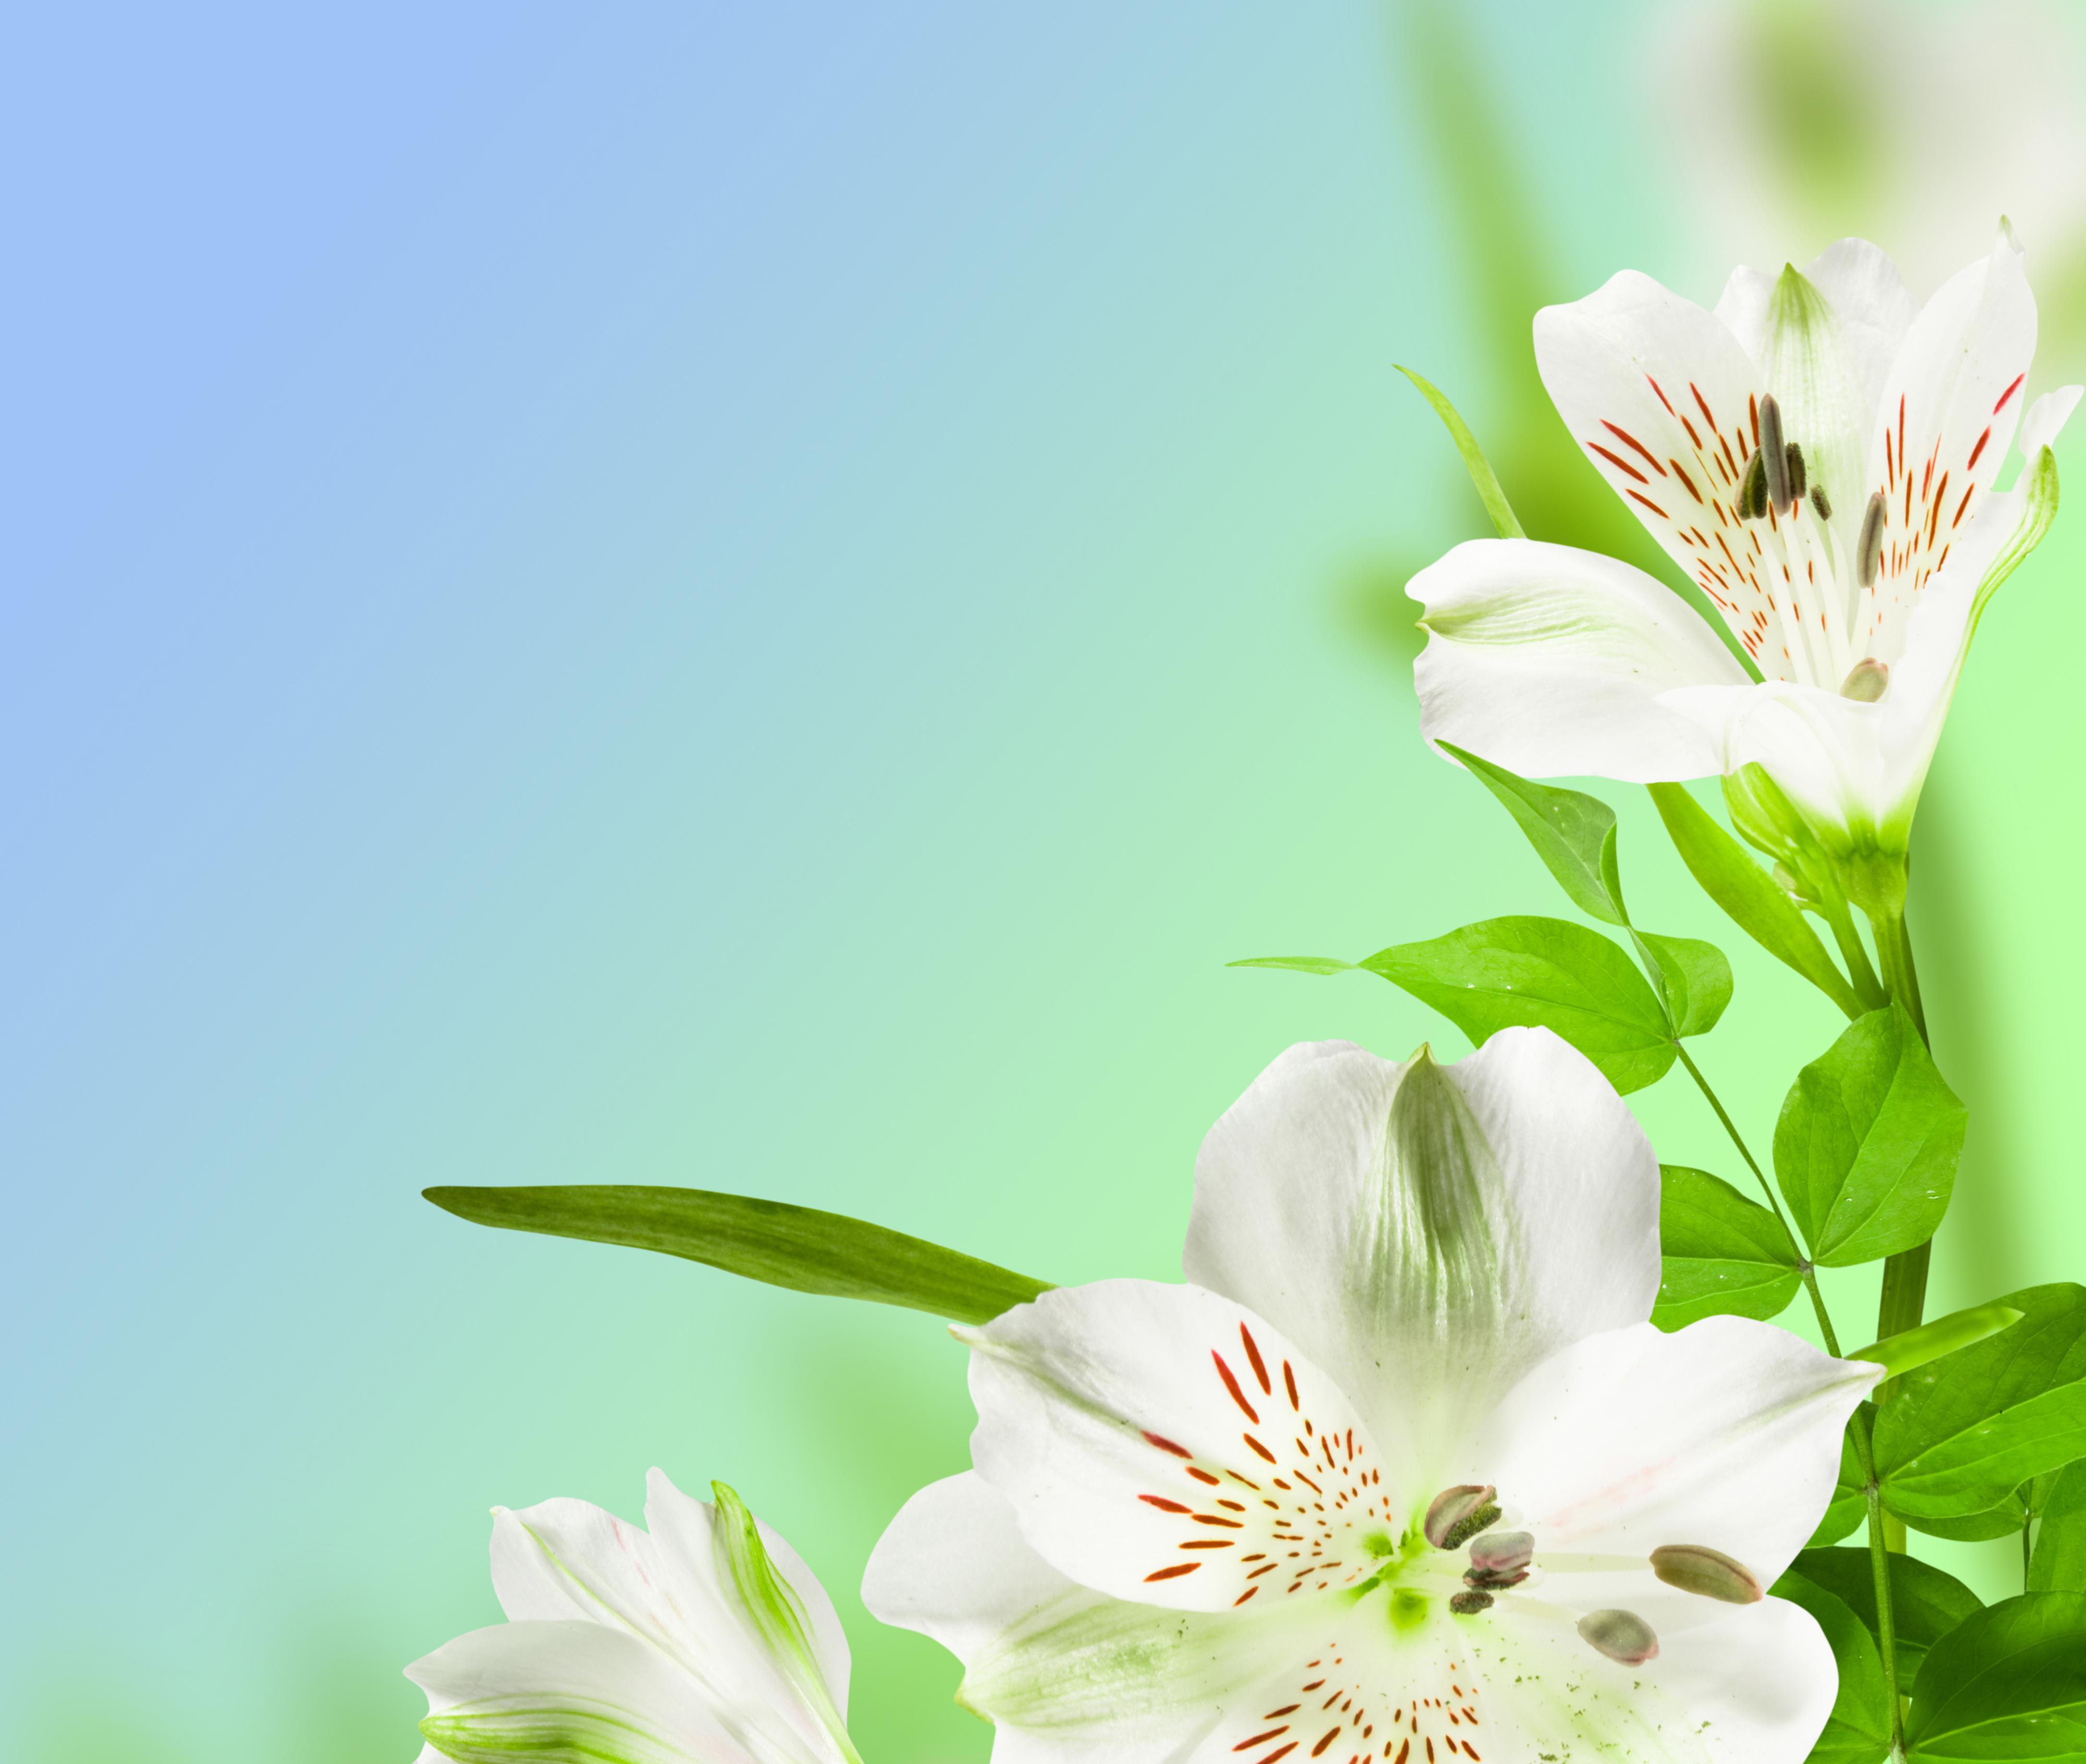 Desktop Spring Wallpapers Nexus 42Z38EU Picseriocom 4000x3383